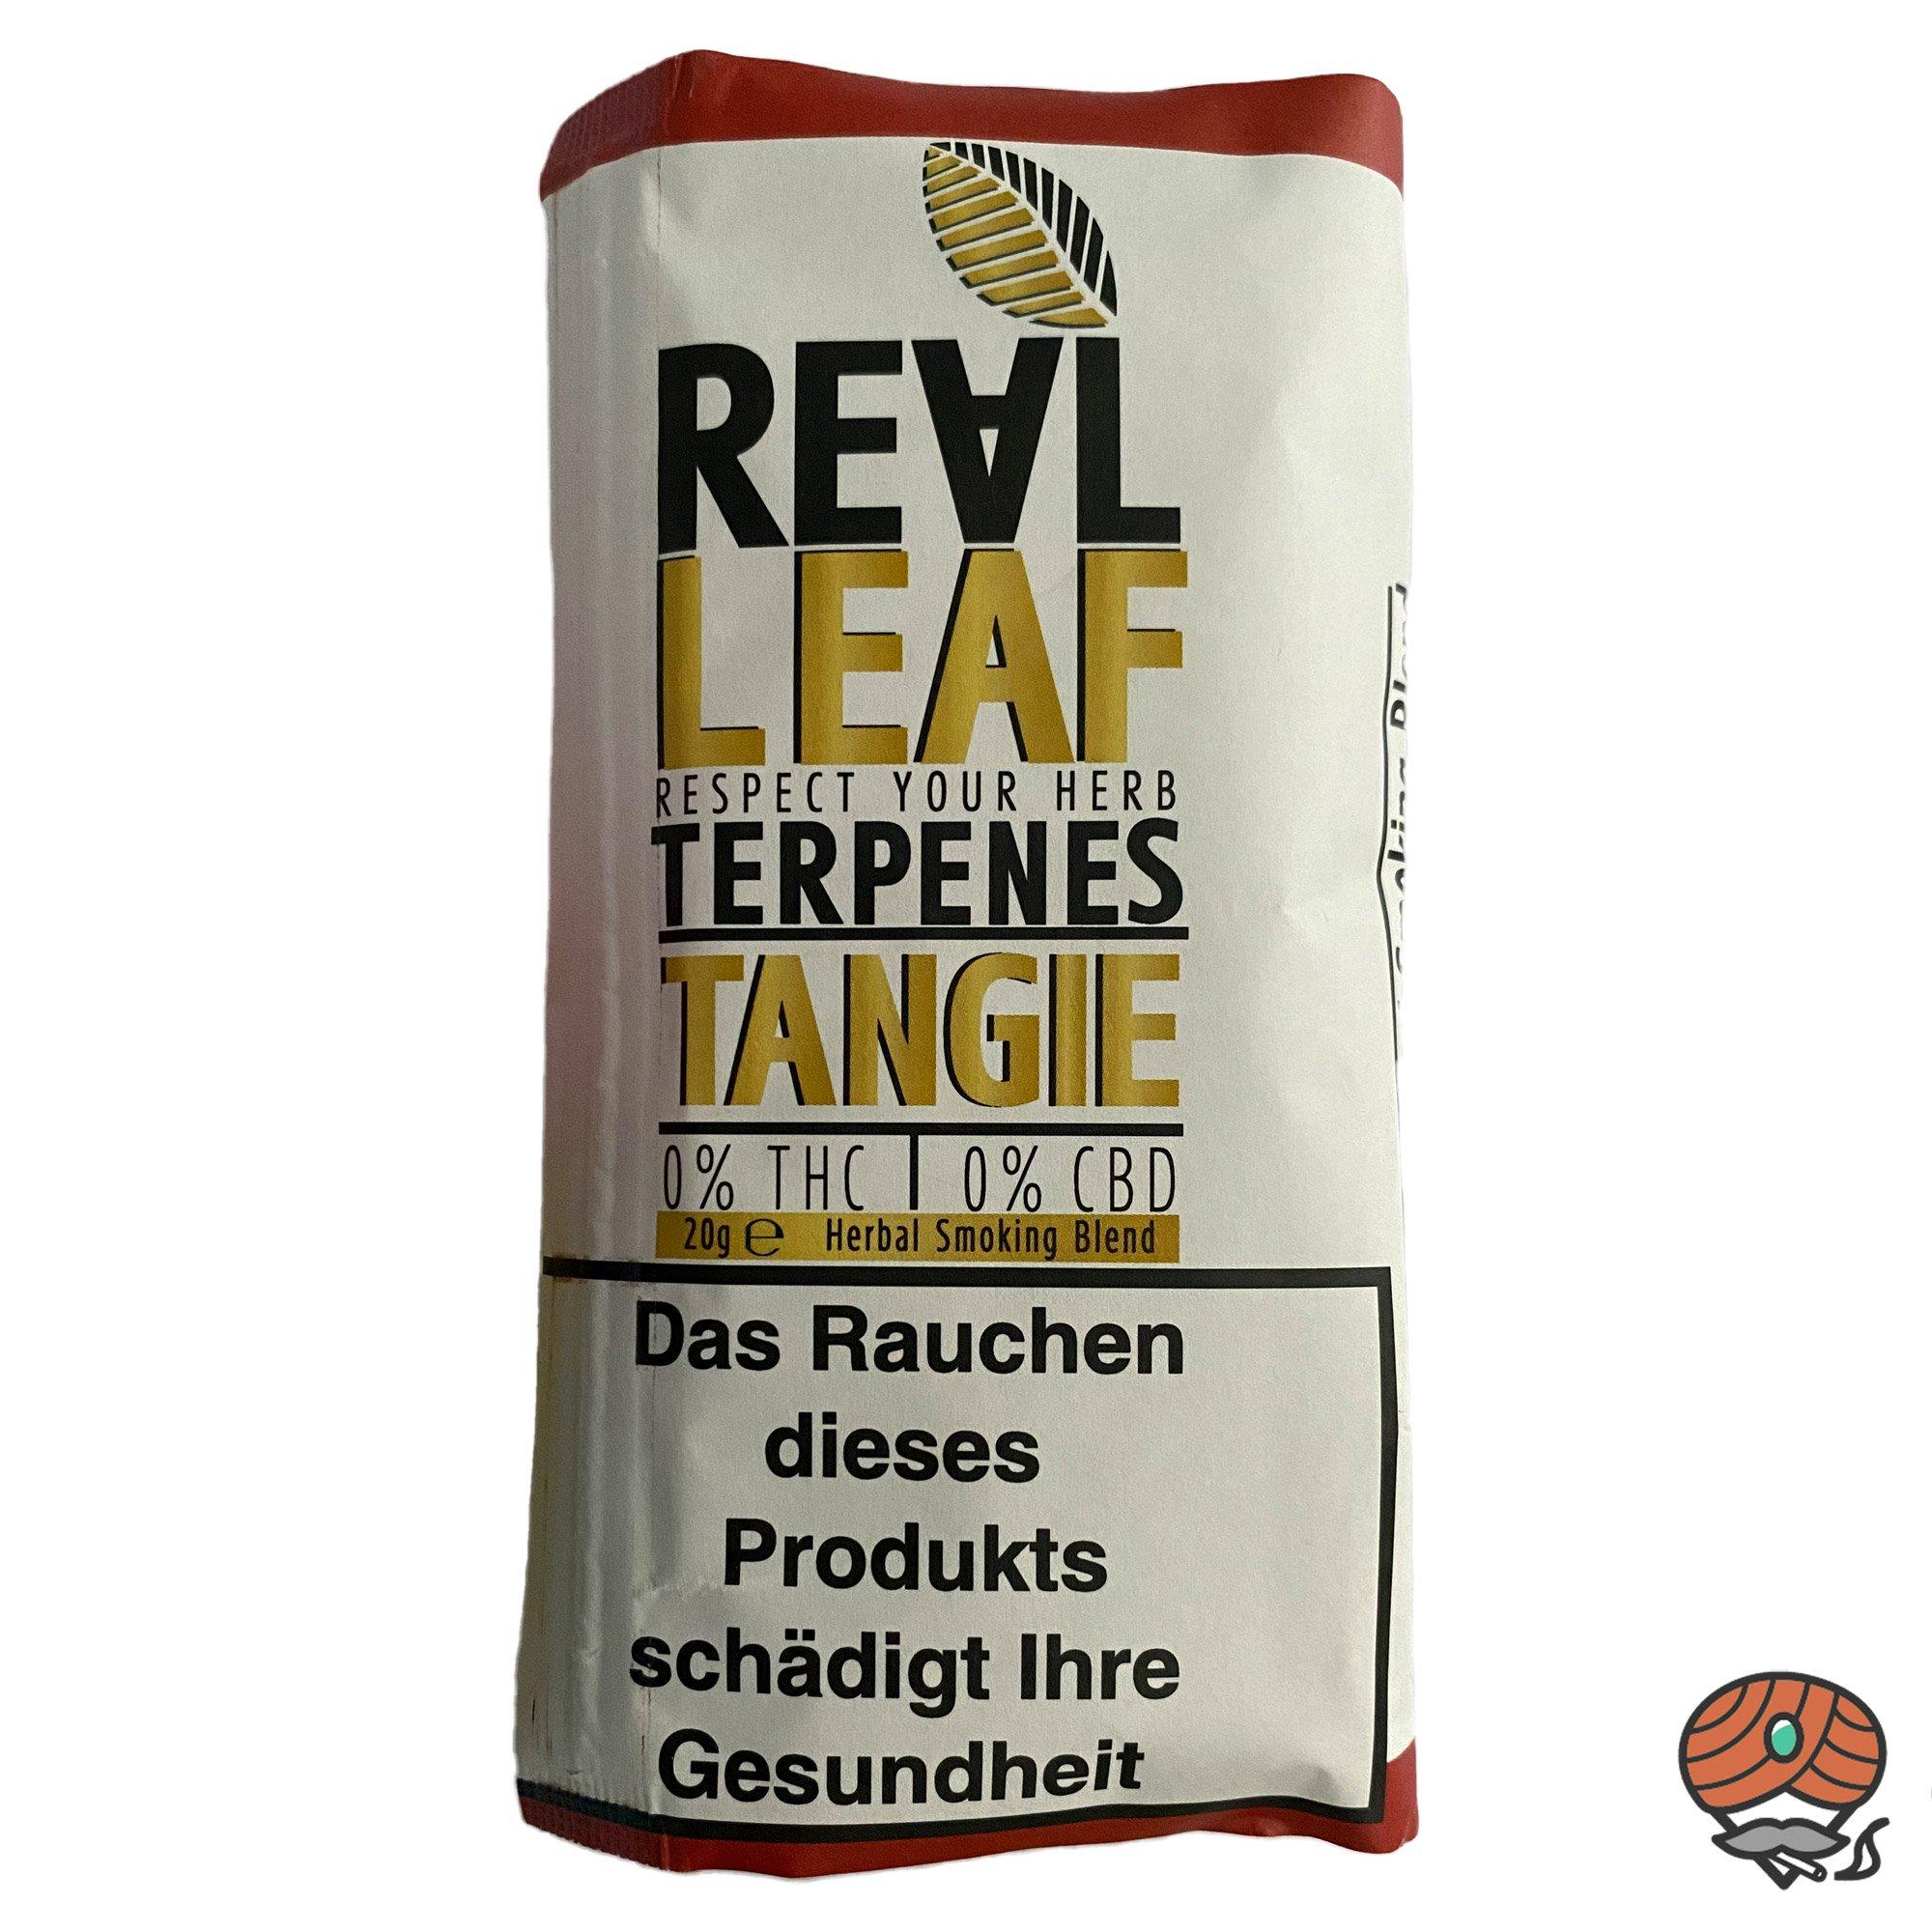 Real Leaf TANGIE, Tabakersatz, nikotinfrei, Kräutermischung 20g